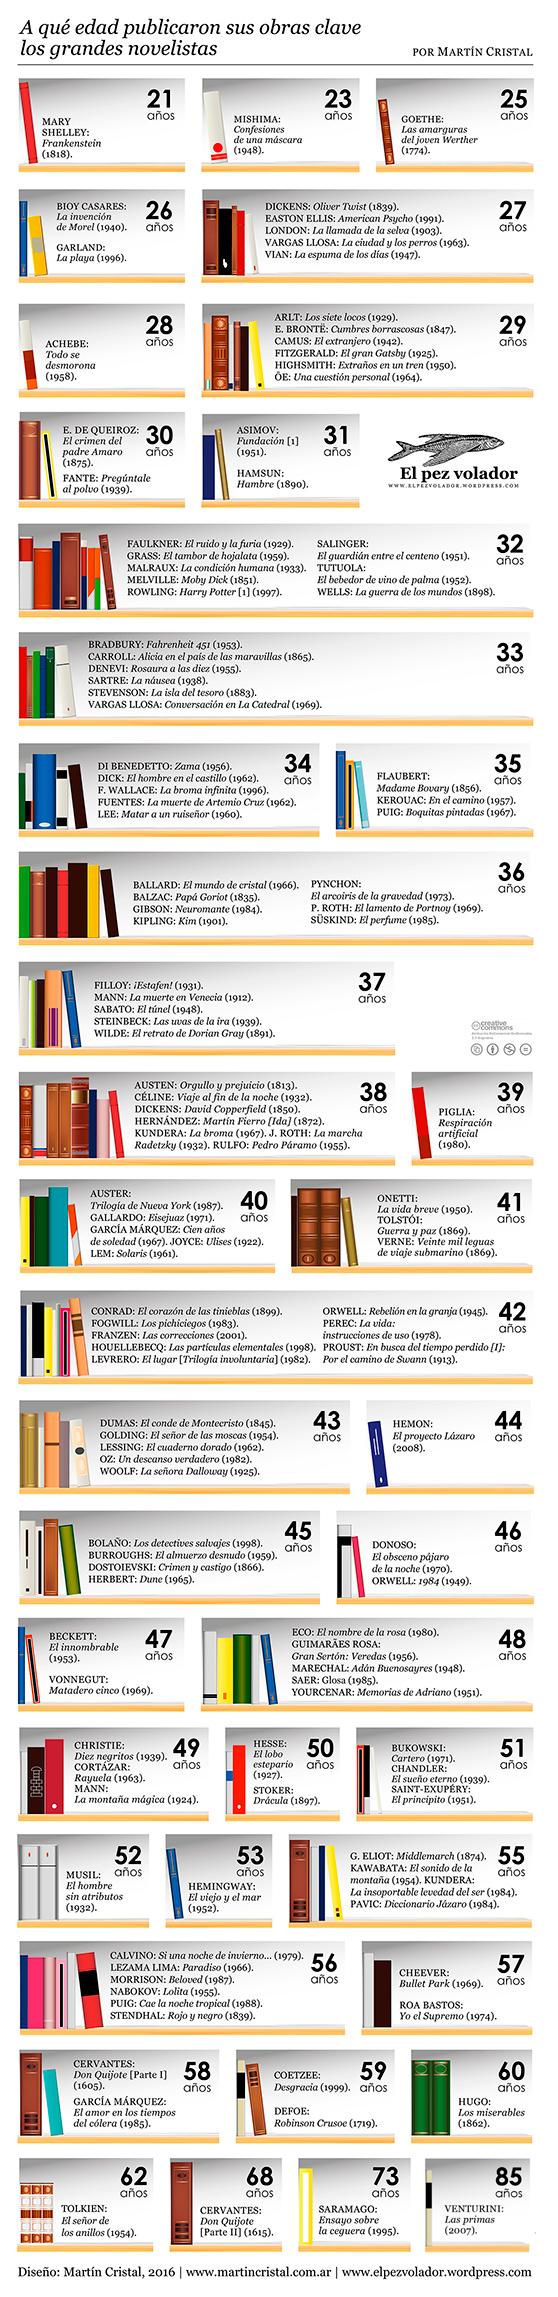 MARTIN-CRISTAL-Edades-novelistas-publicaron-obras-clave-558px